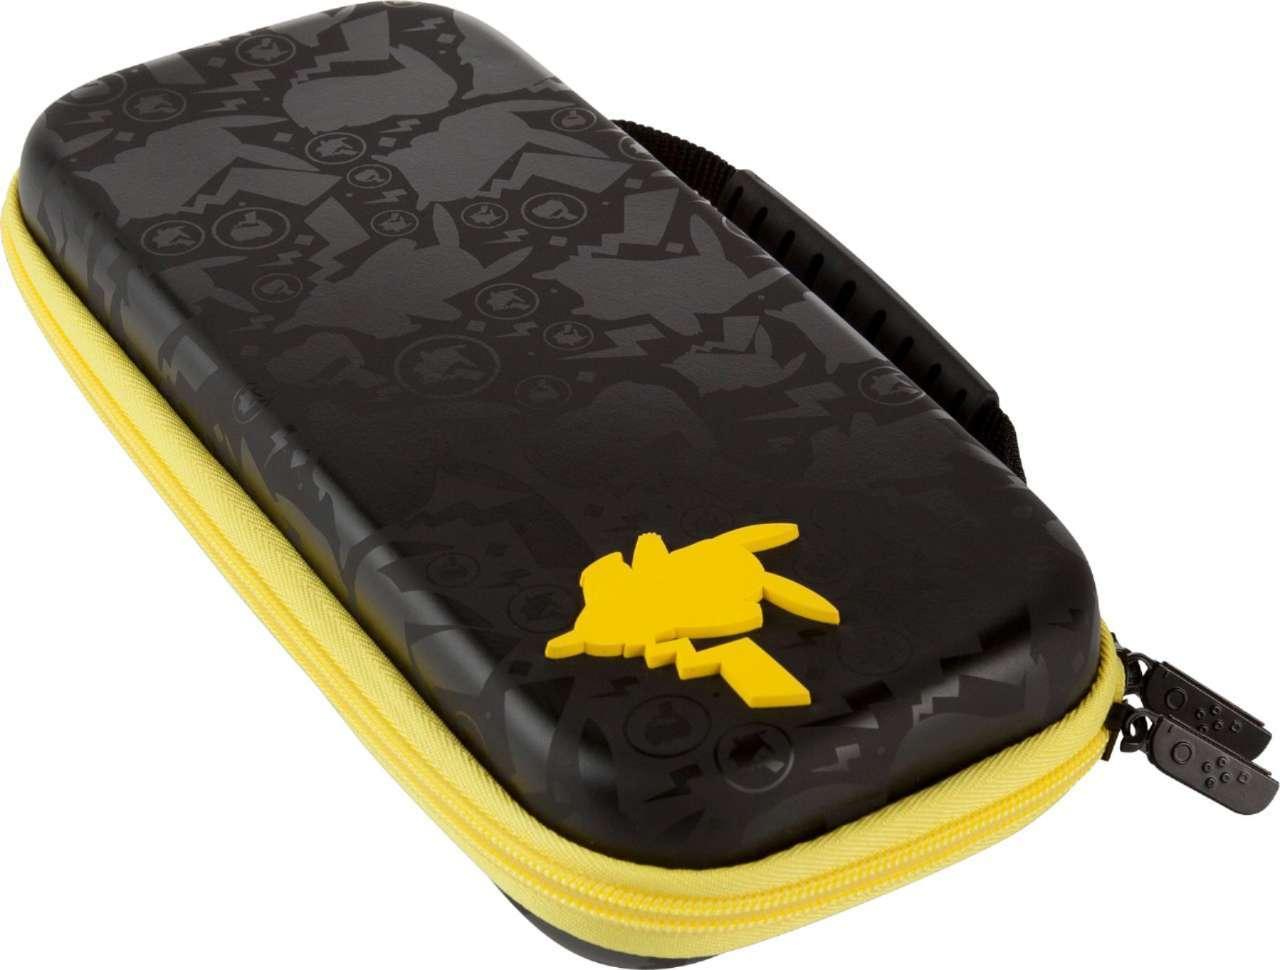 pikachu-case